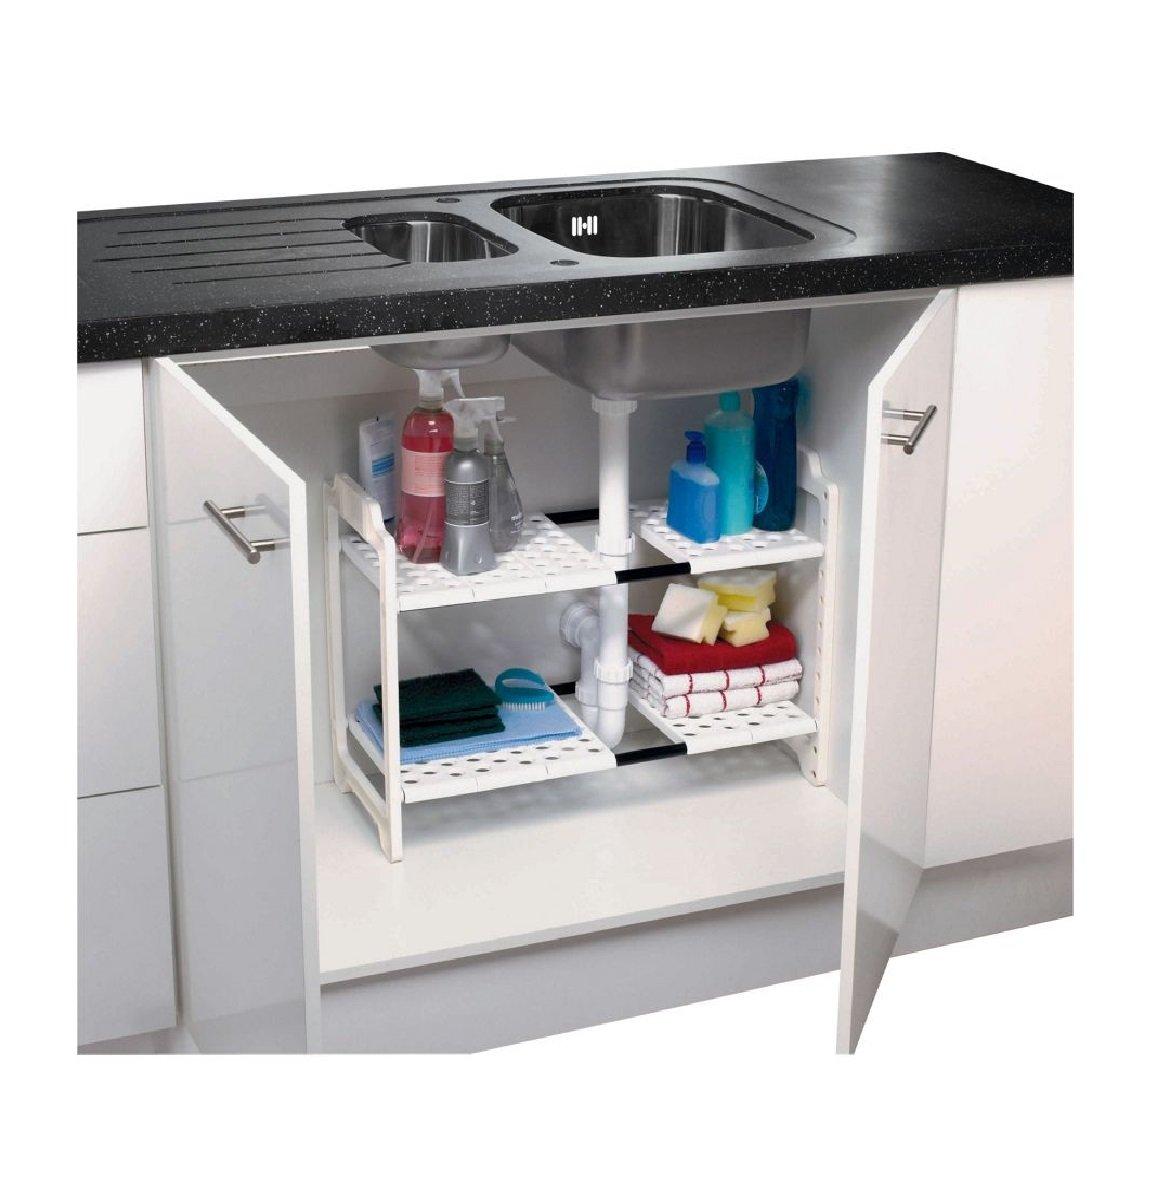 Addis Under Sink Storage Unit - White.